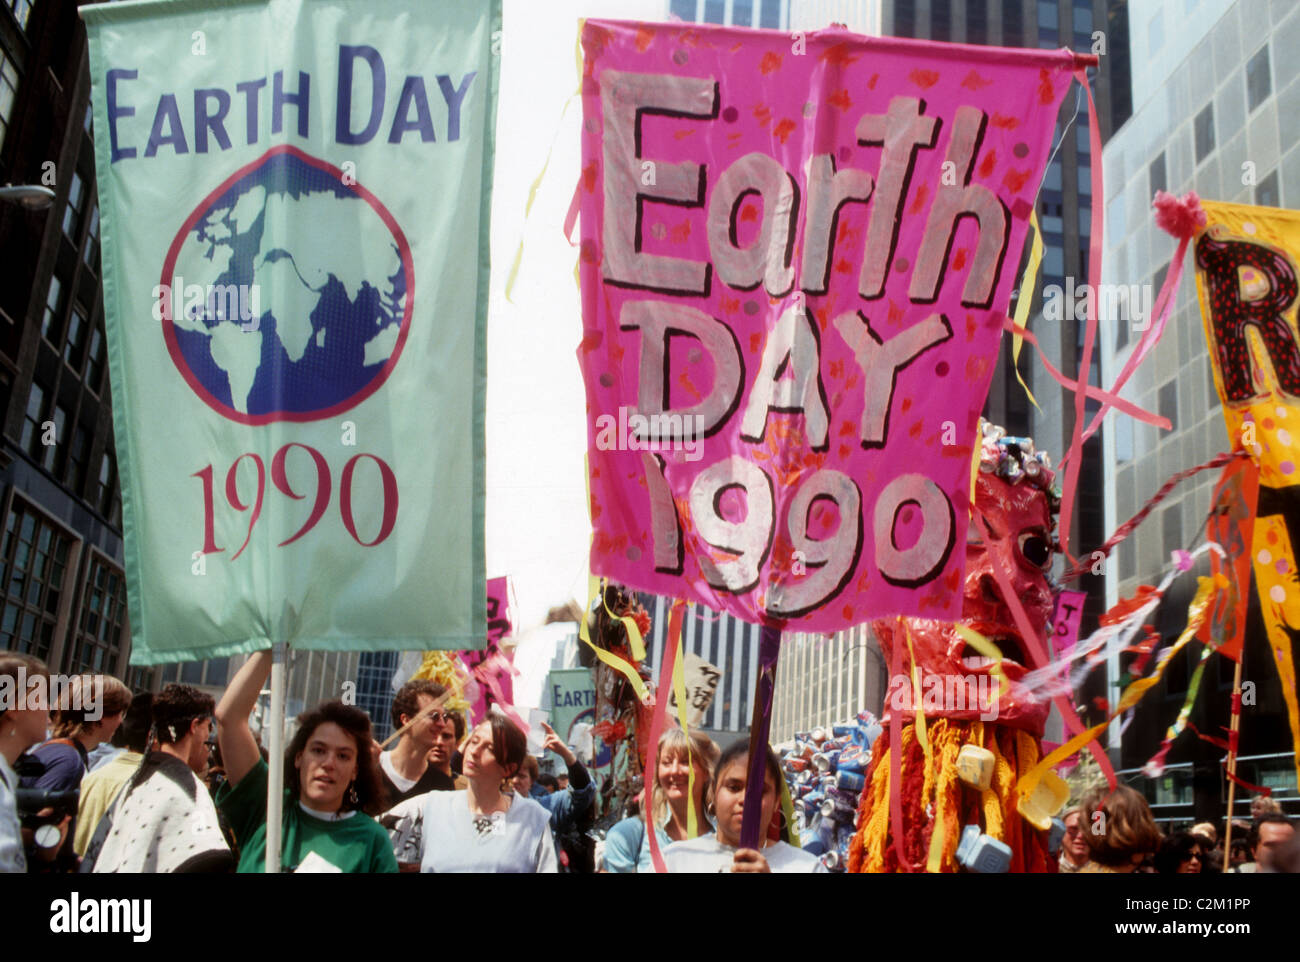 Earth Day Parade et festival à New York le jour de la Terre, le 22 avril 1990. (© Frances M. Roberts) Photo Stock